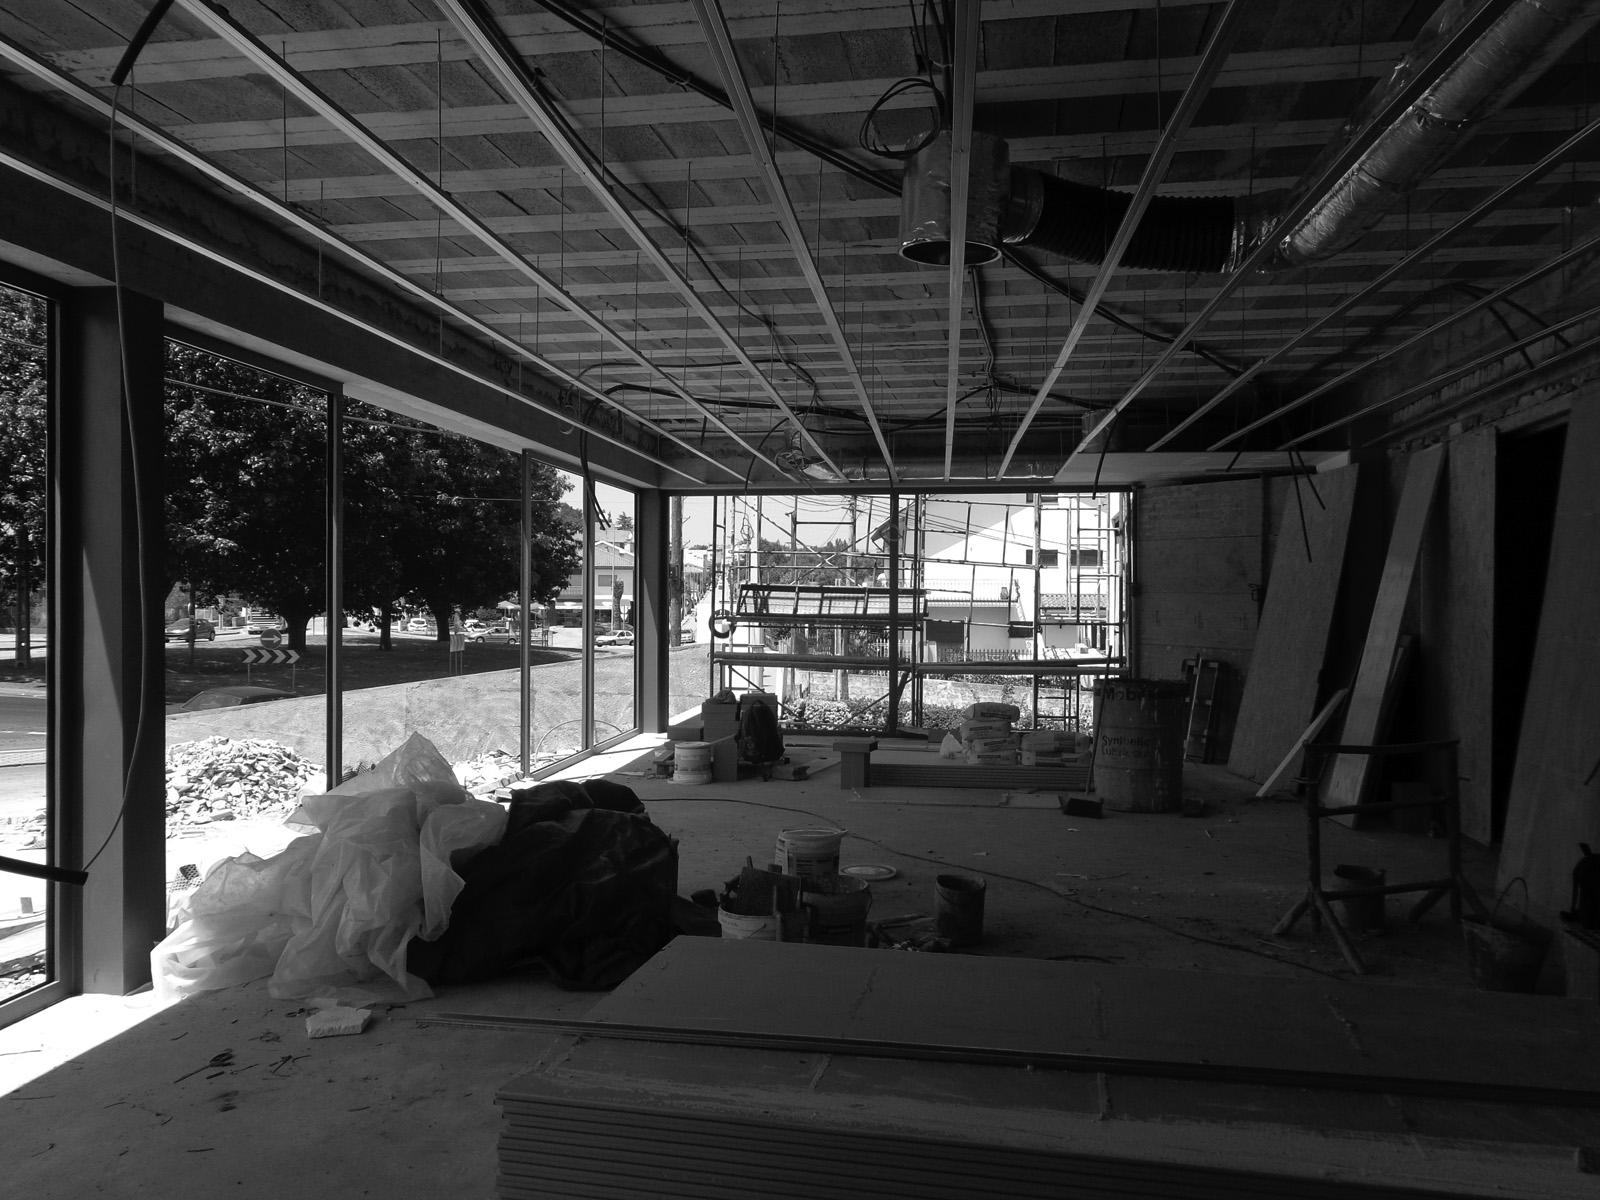 Antero - Construção - Stand - Oficina - BMW - Yamaha - EVA evolutionary architecture - Arquitectos Porto (19).jpg